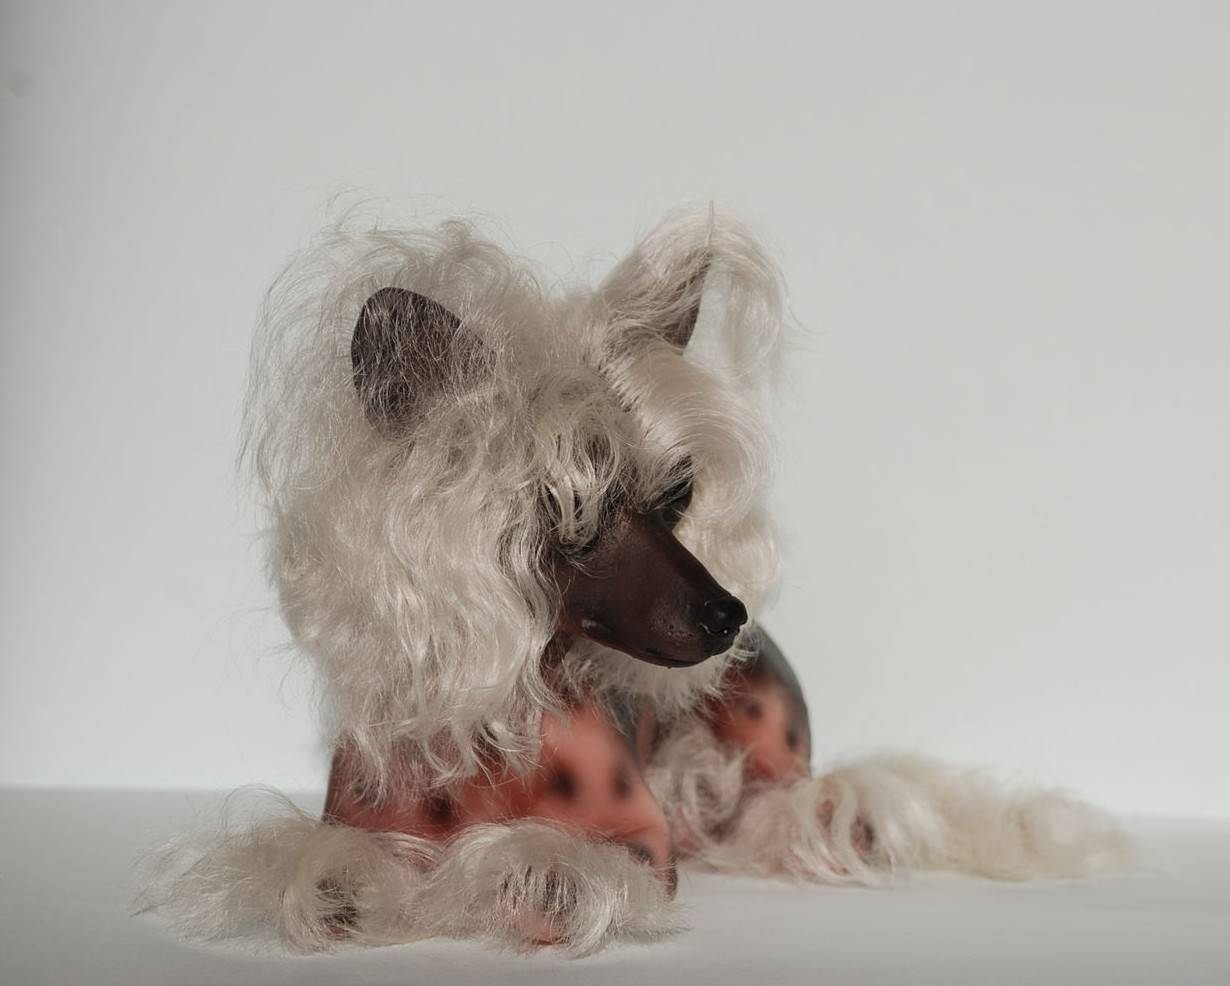 Китайская хохлатая собака – сколько живет животное, как правильно кормить, стричь и ухаживать за питомцем